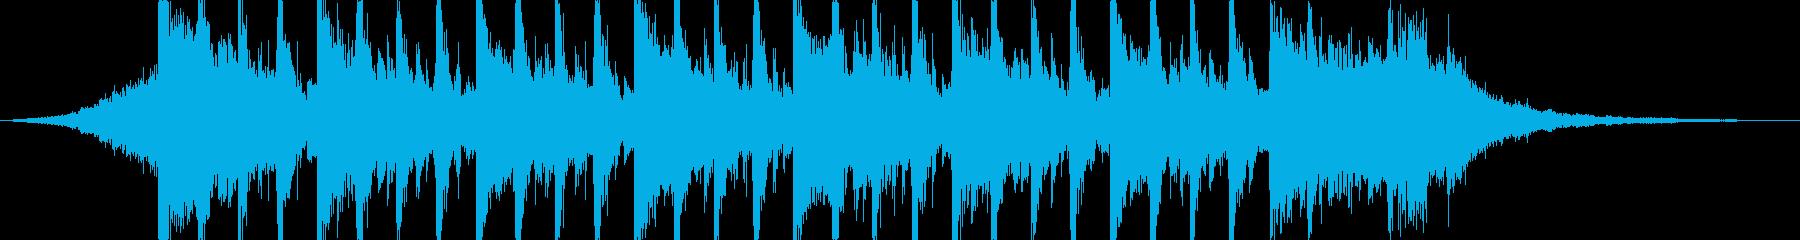 企業VP向け、爽やかポップ4つ打ち6-3の再生済みの波形